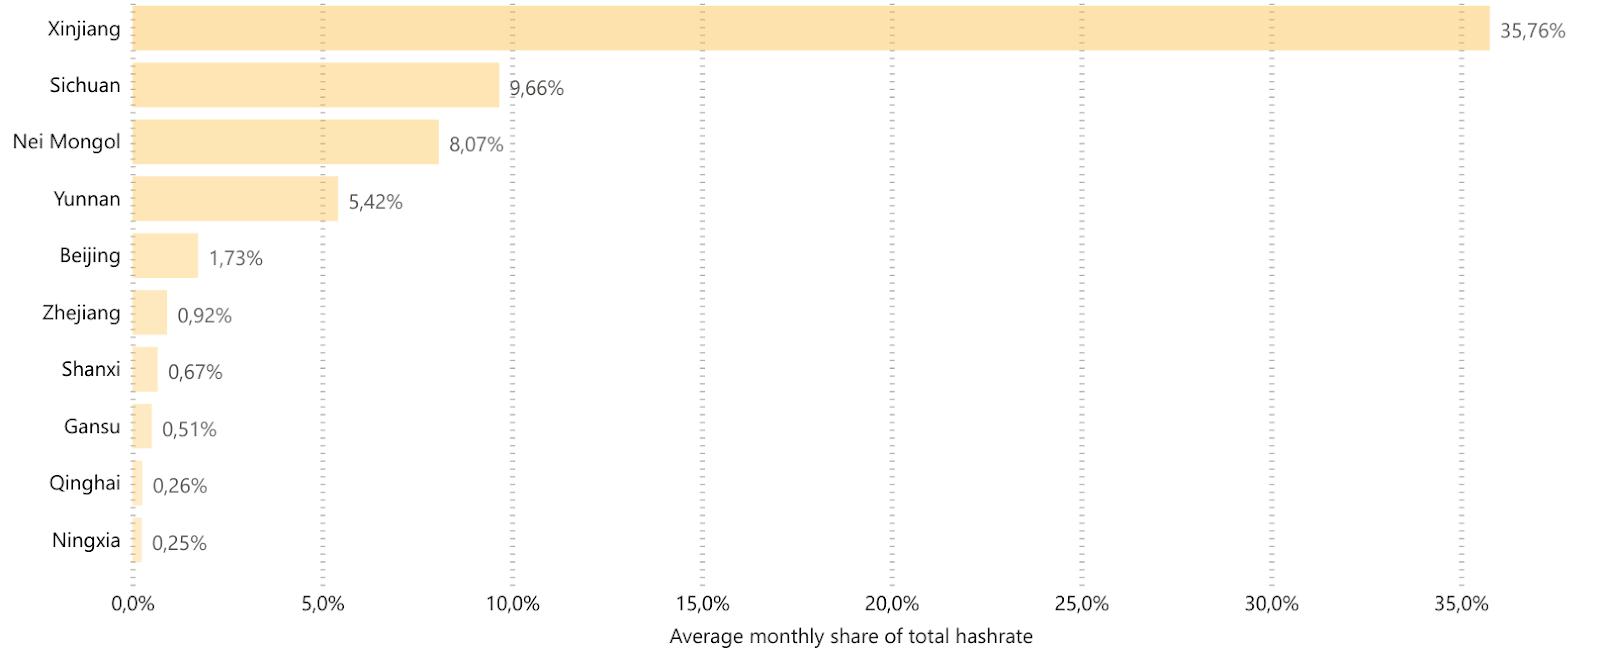 Part du hashrate chinois par région - Source : Cambridge Center for Alternative Finance